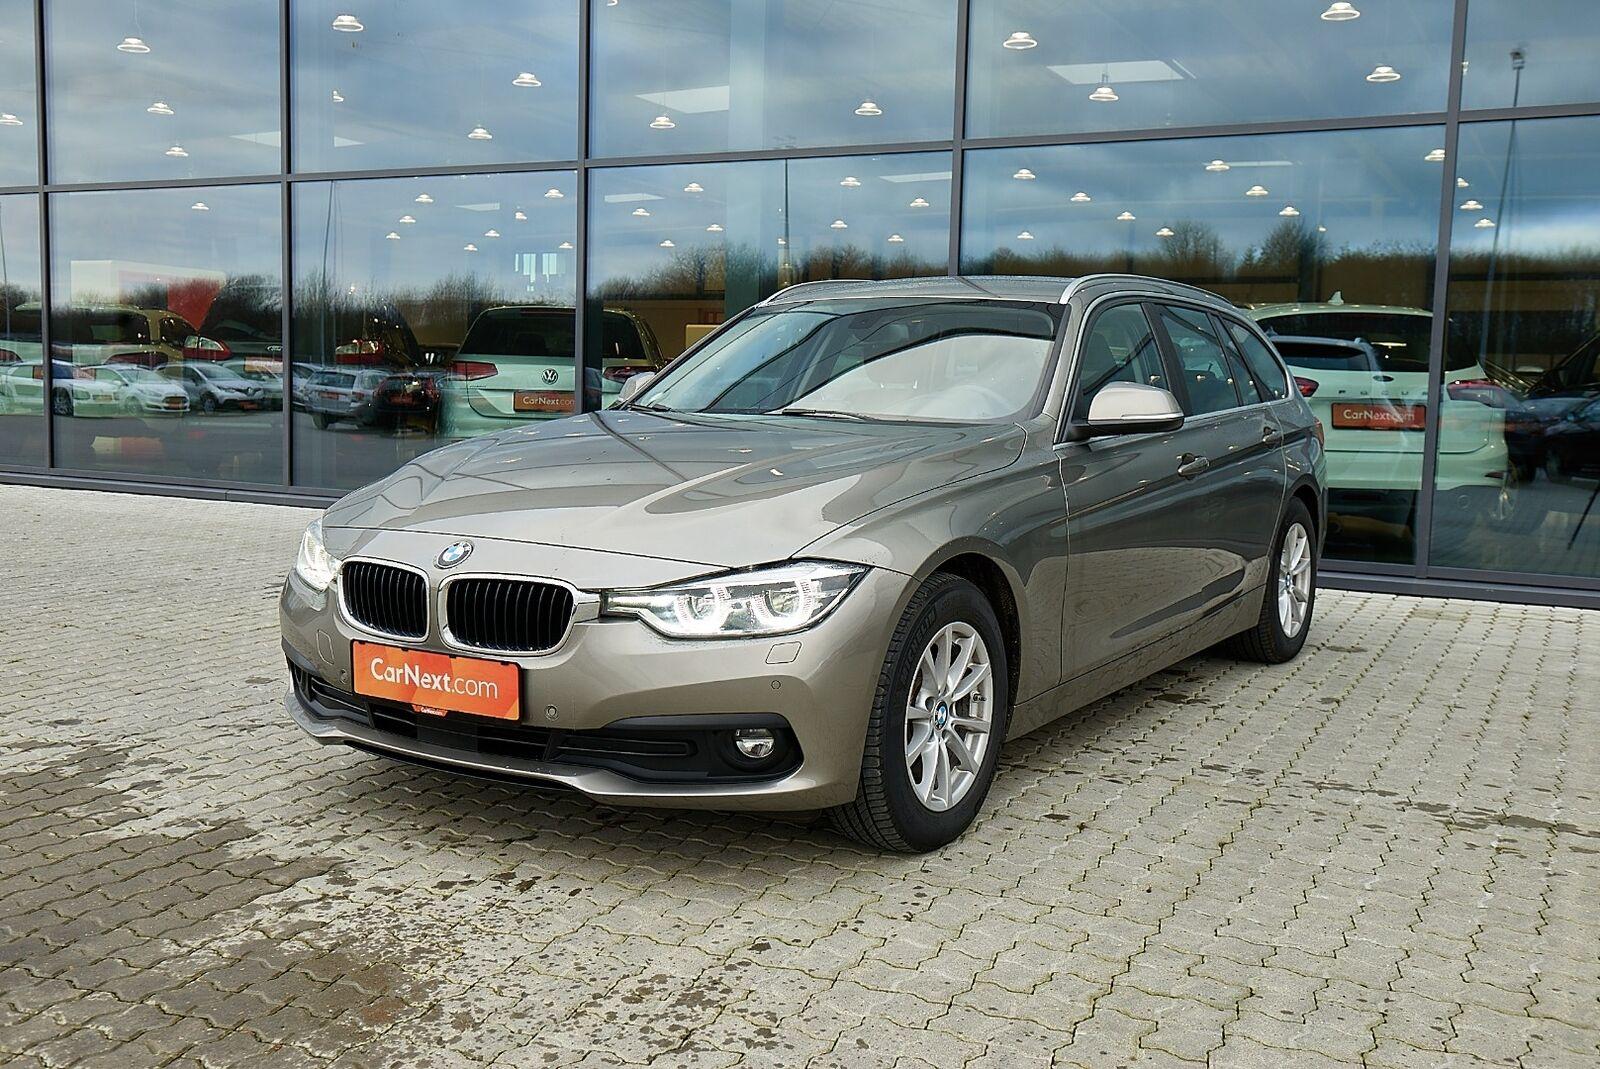 BMW 320d 2,0 Touring Executive aut. 5d - 259.900 kr.